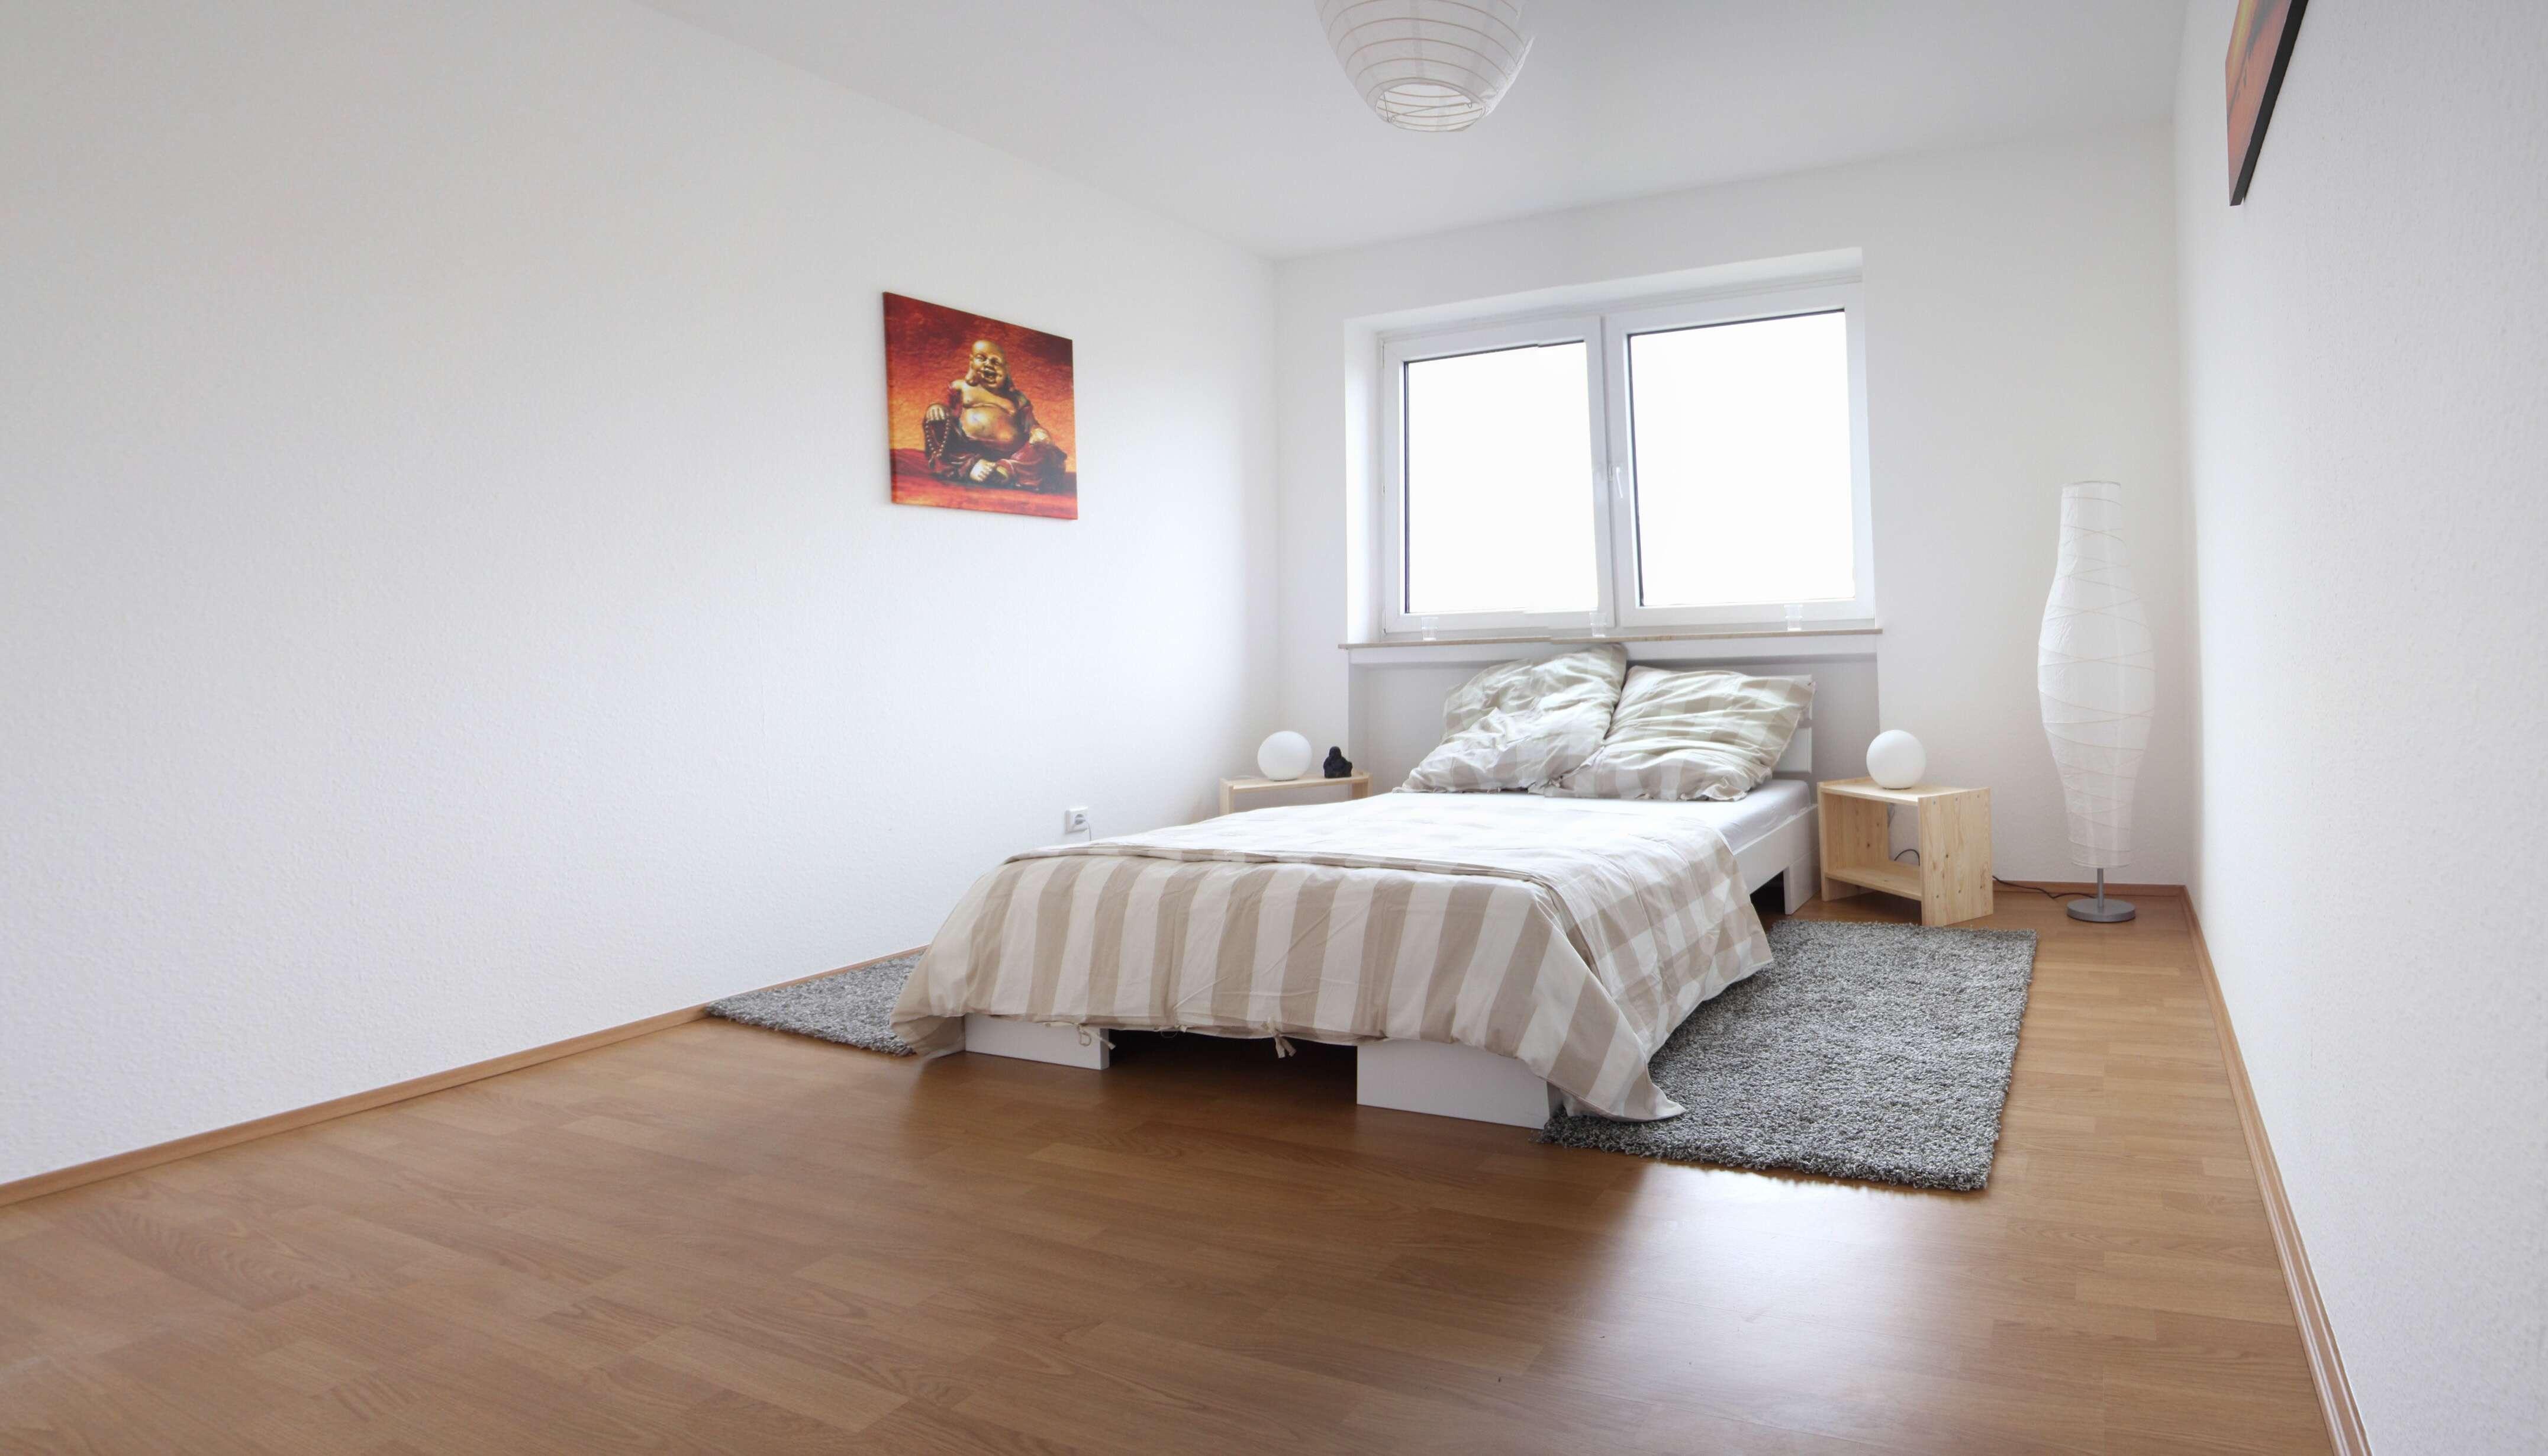 VORANKÜNDIGUNG: Renovierte 4-Zimmer Wohnung in Coburg - Wüstenahorn zu vermieten in Coburg-Zentrum (Coburg)